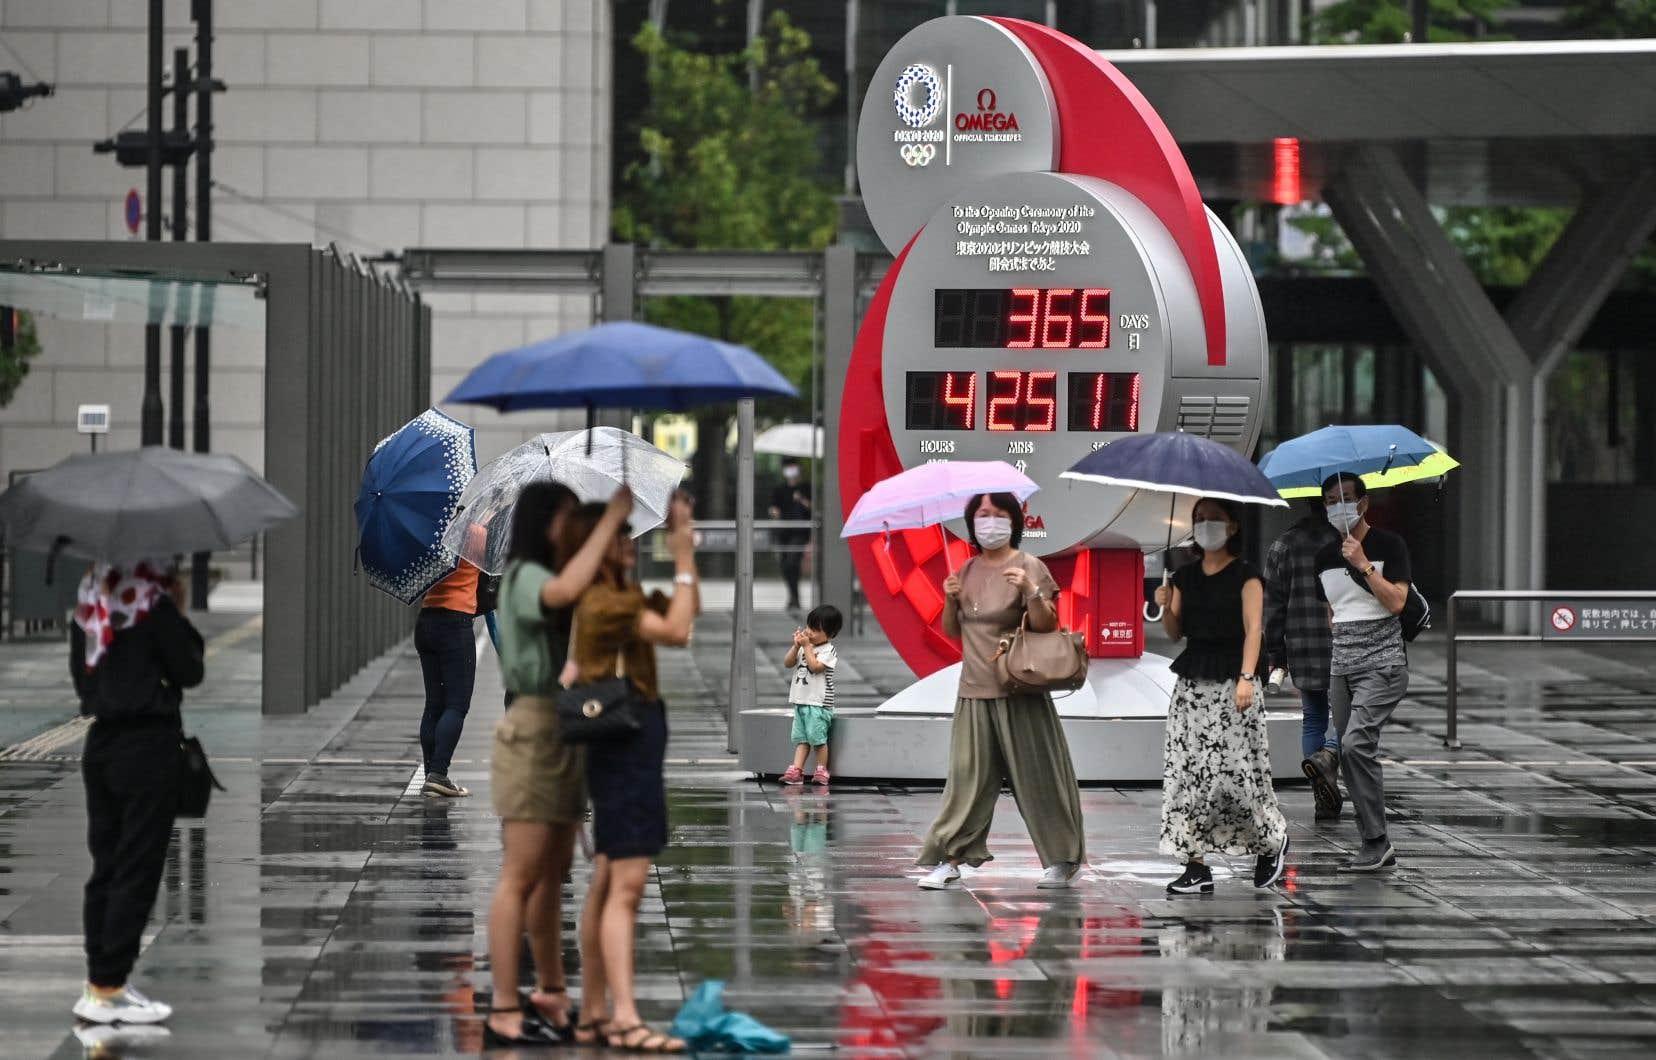 <p>Les organisateurs ont prévu dans la soirée une modeste célébration dans le nouveau stade olympique national, à huis clos, alors que la capitale japonaise fait face à une deuxième vague de COVID-19.</p>